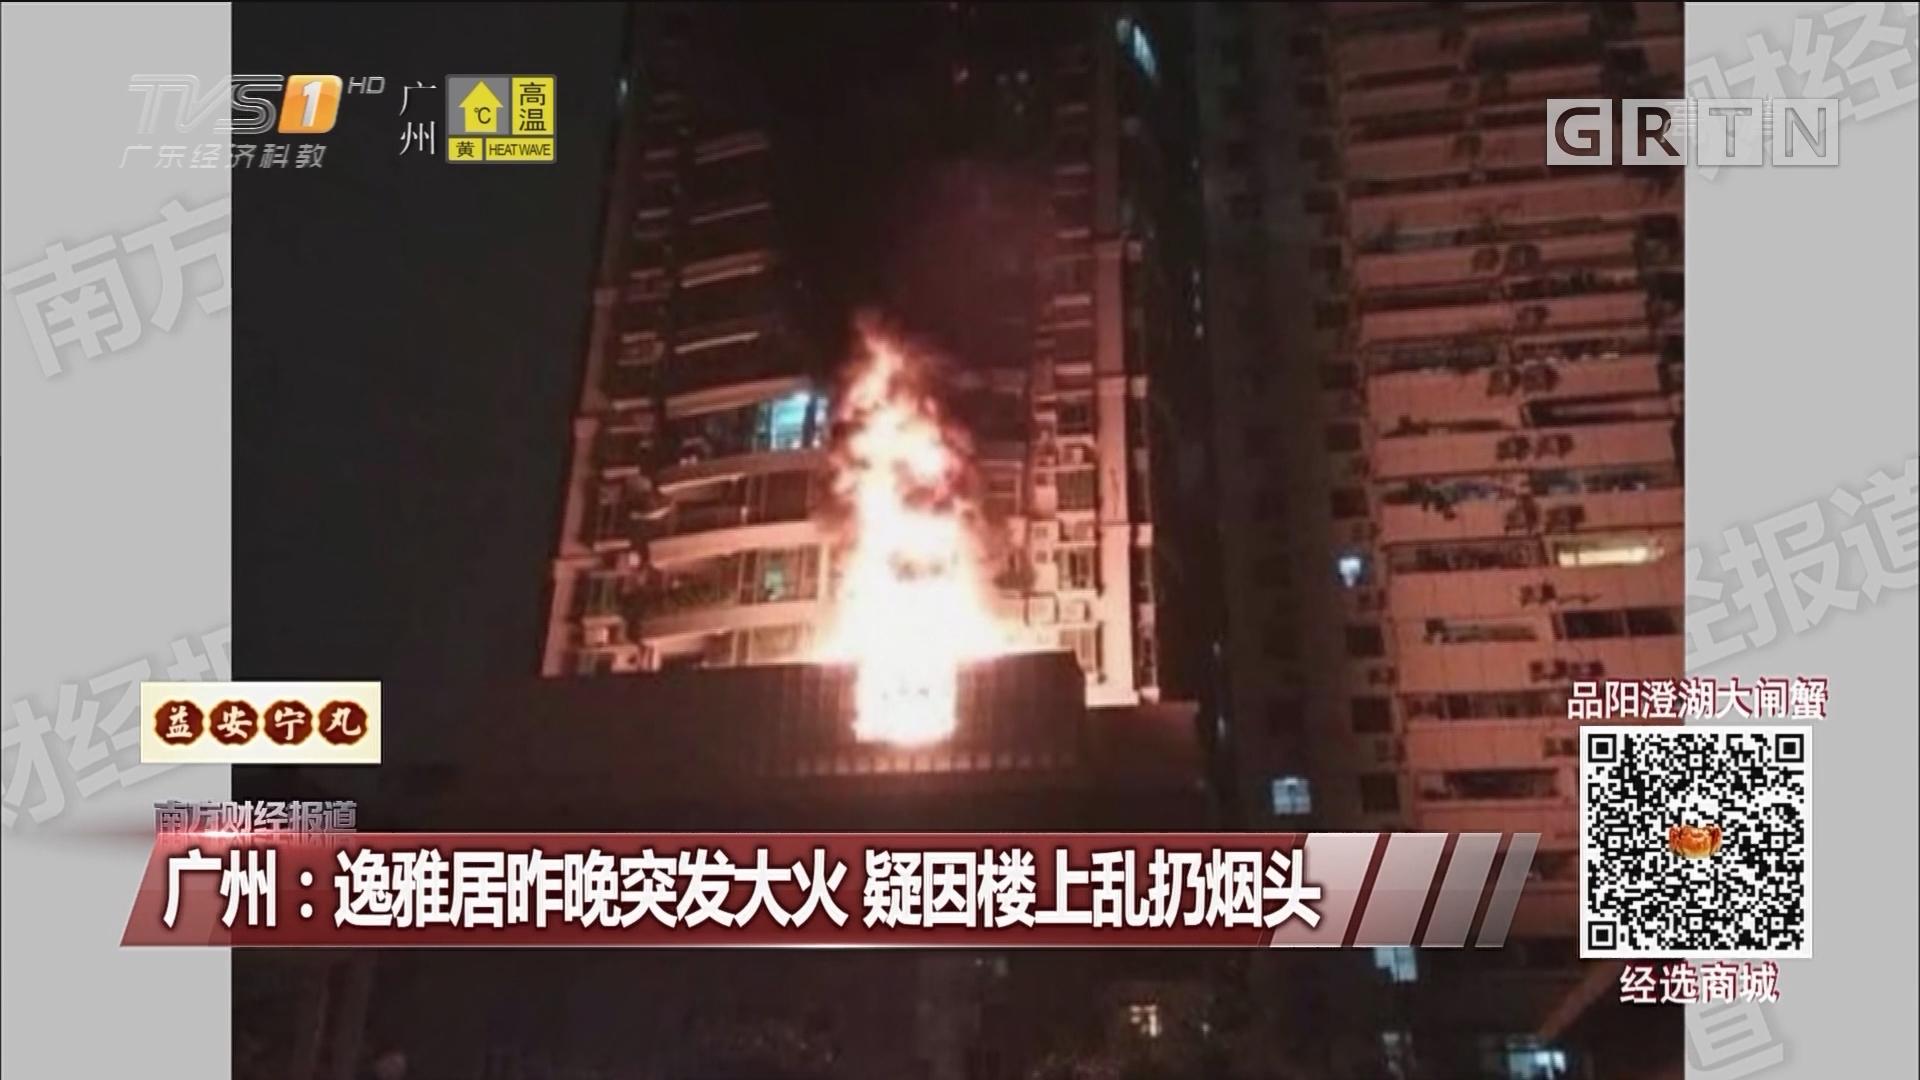 广州:逸雅居昨晚突发大火 疑因楼上乱扔烟头